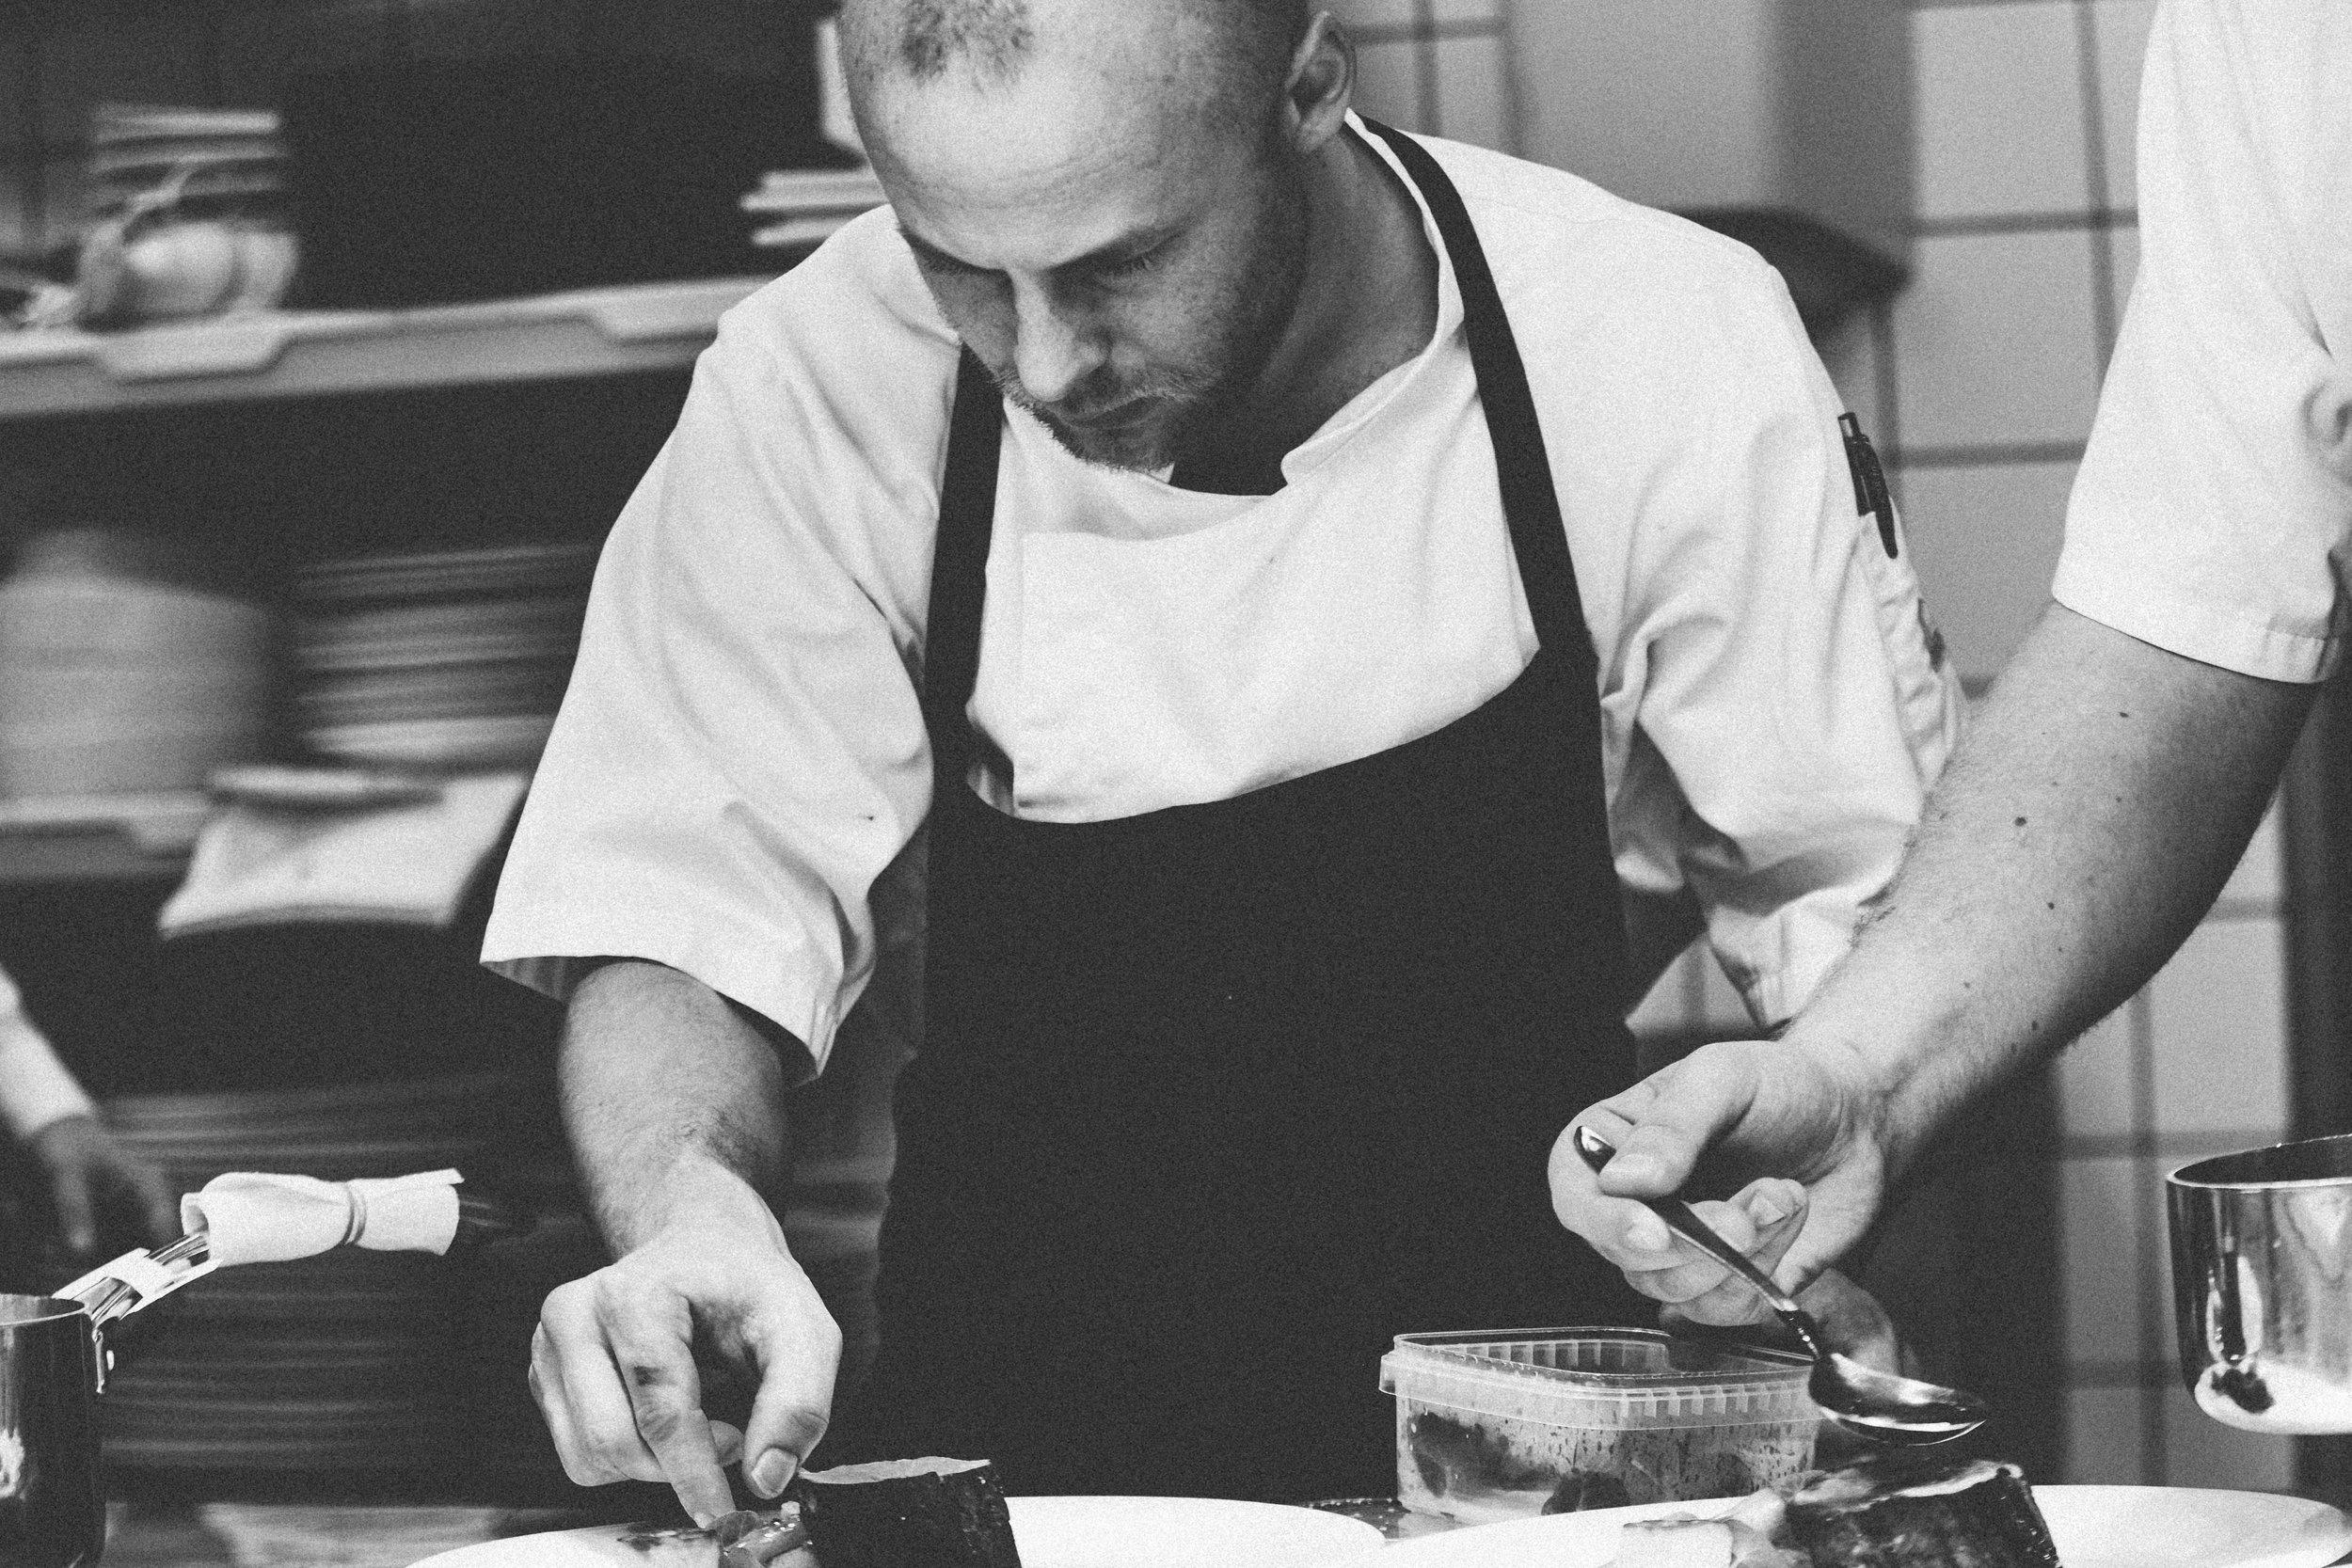 Chef-photo-476224.jpg